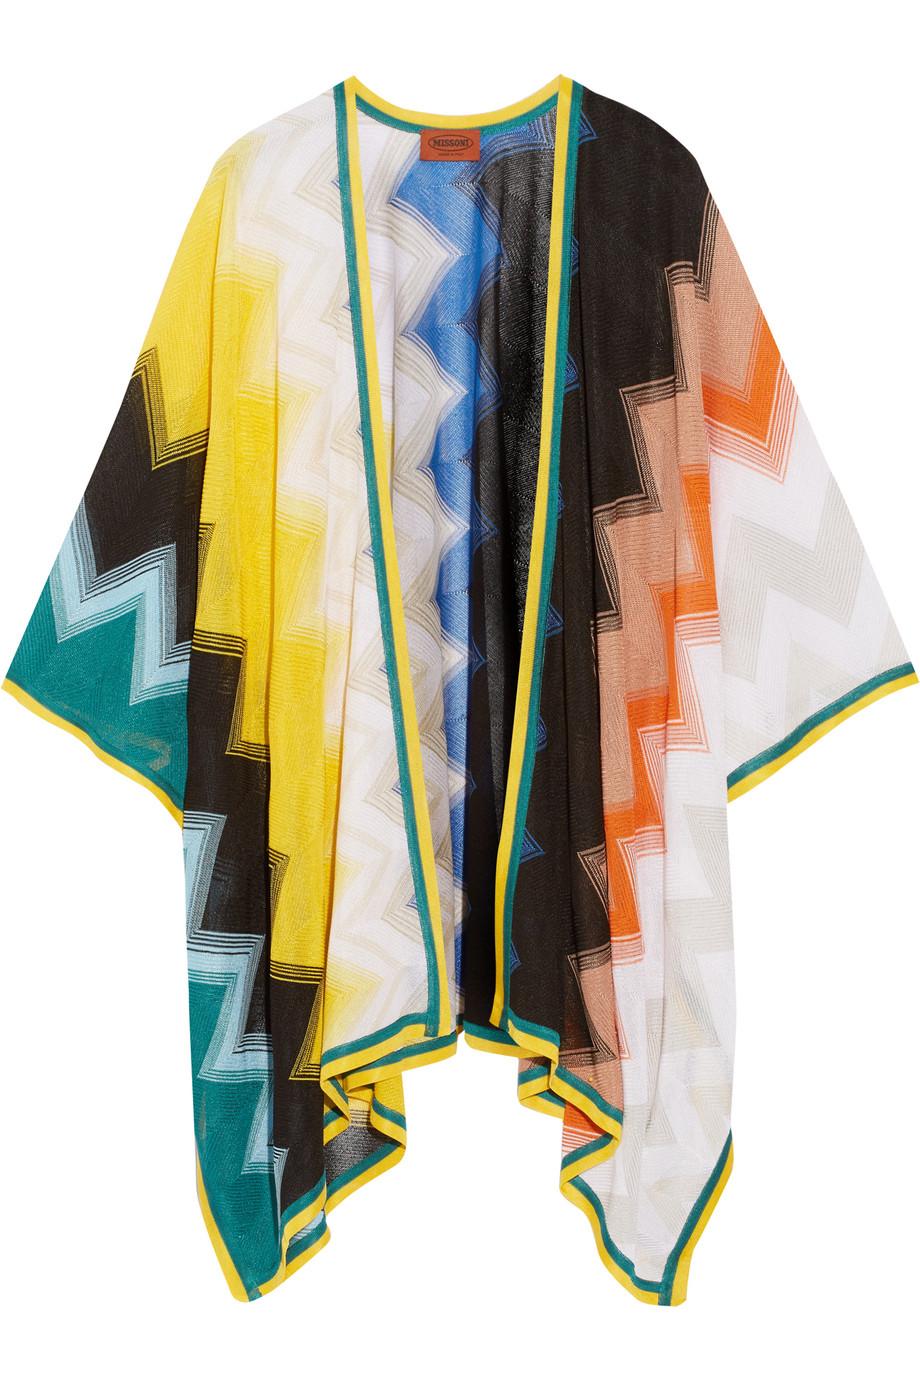 Missoni Crochet-Knit Wrap, White, Women's